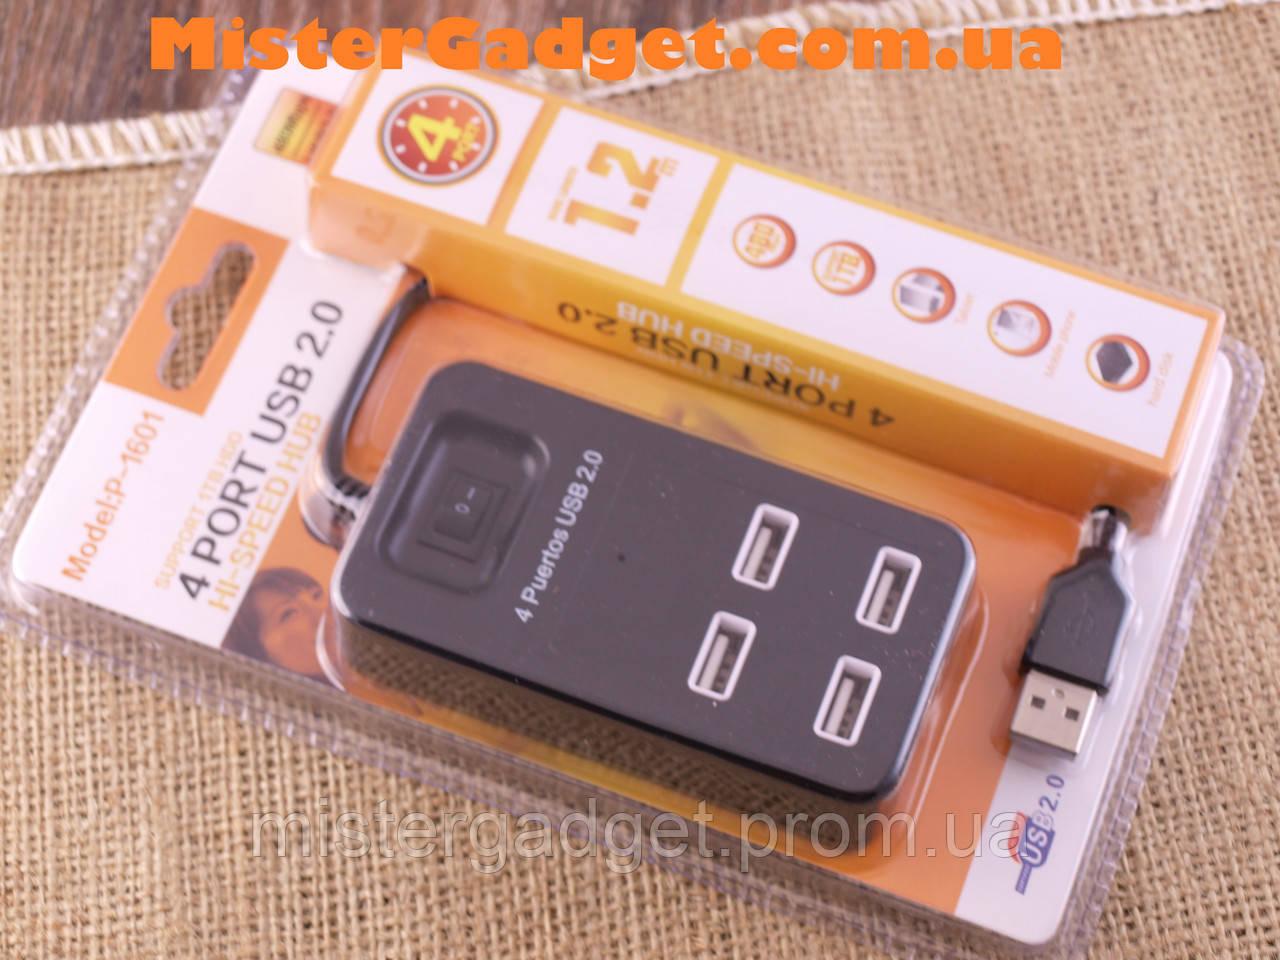 Адаптер HUB P-1601 хаб 4 USB Кардридер